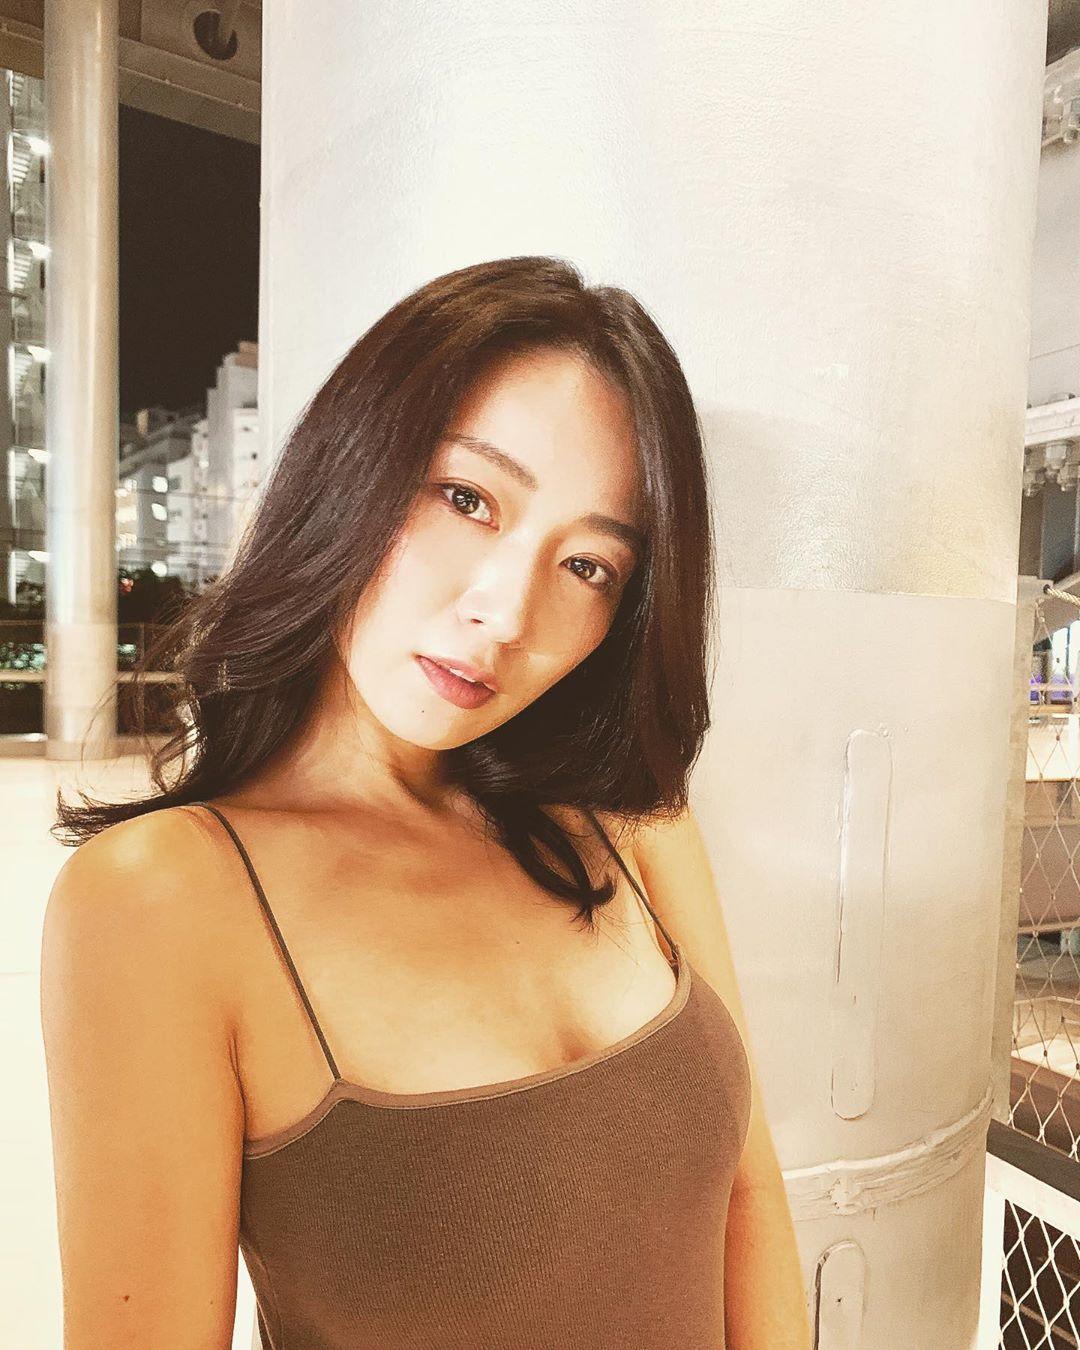 日本女星阶户瑠李突逝,曾出演《全裸导演》等作品 福利吧 第4张